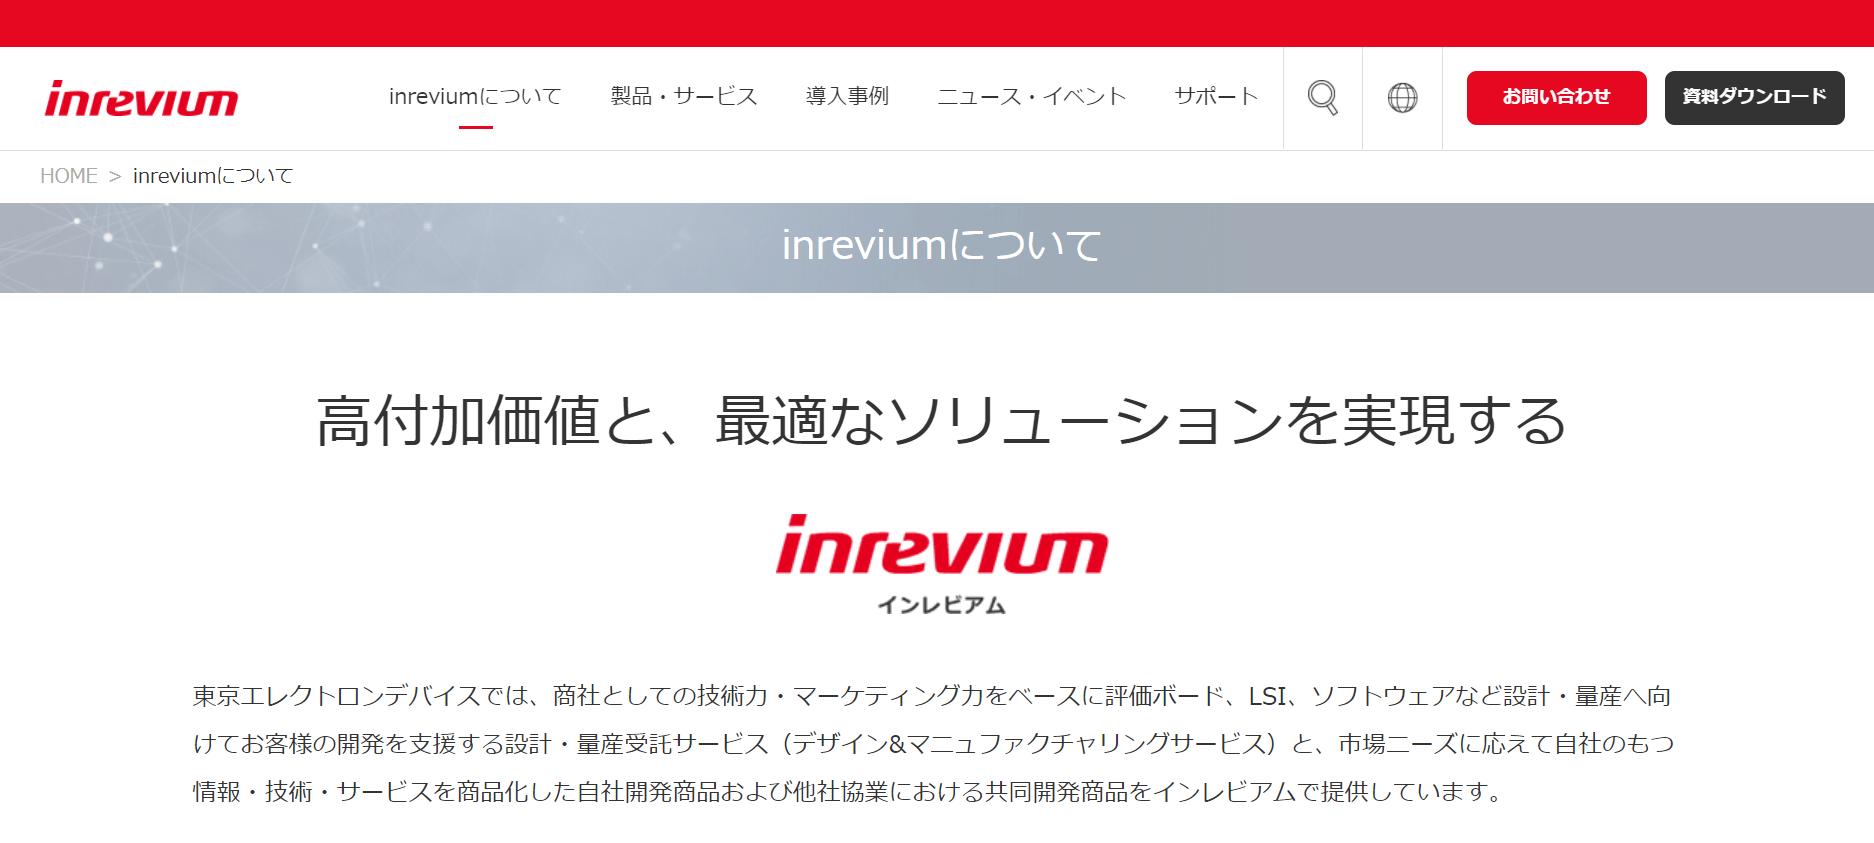 inverium